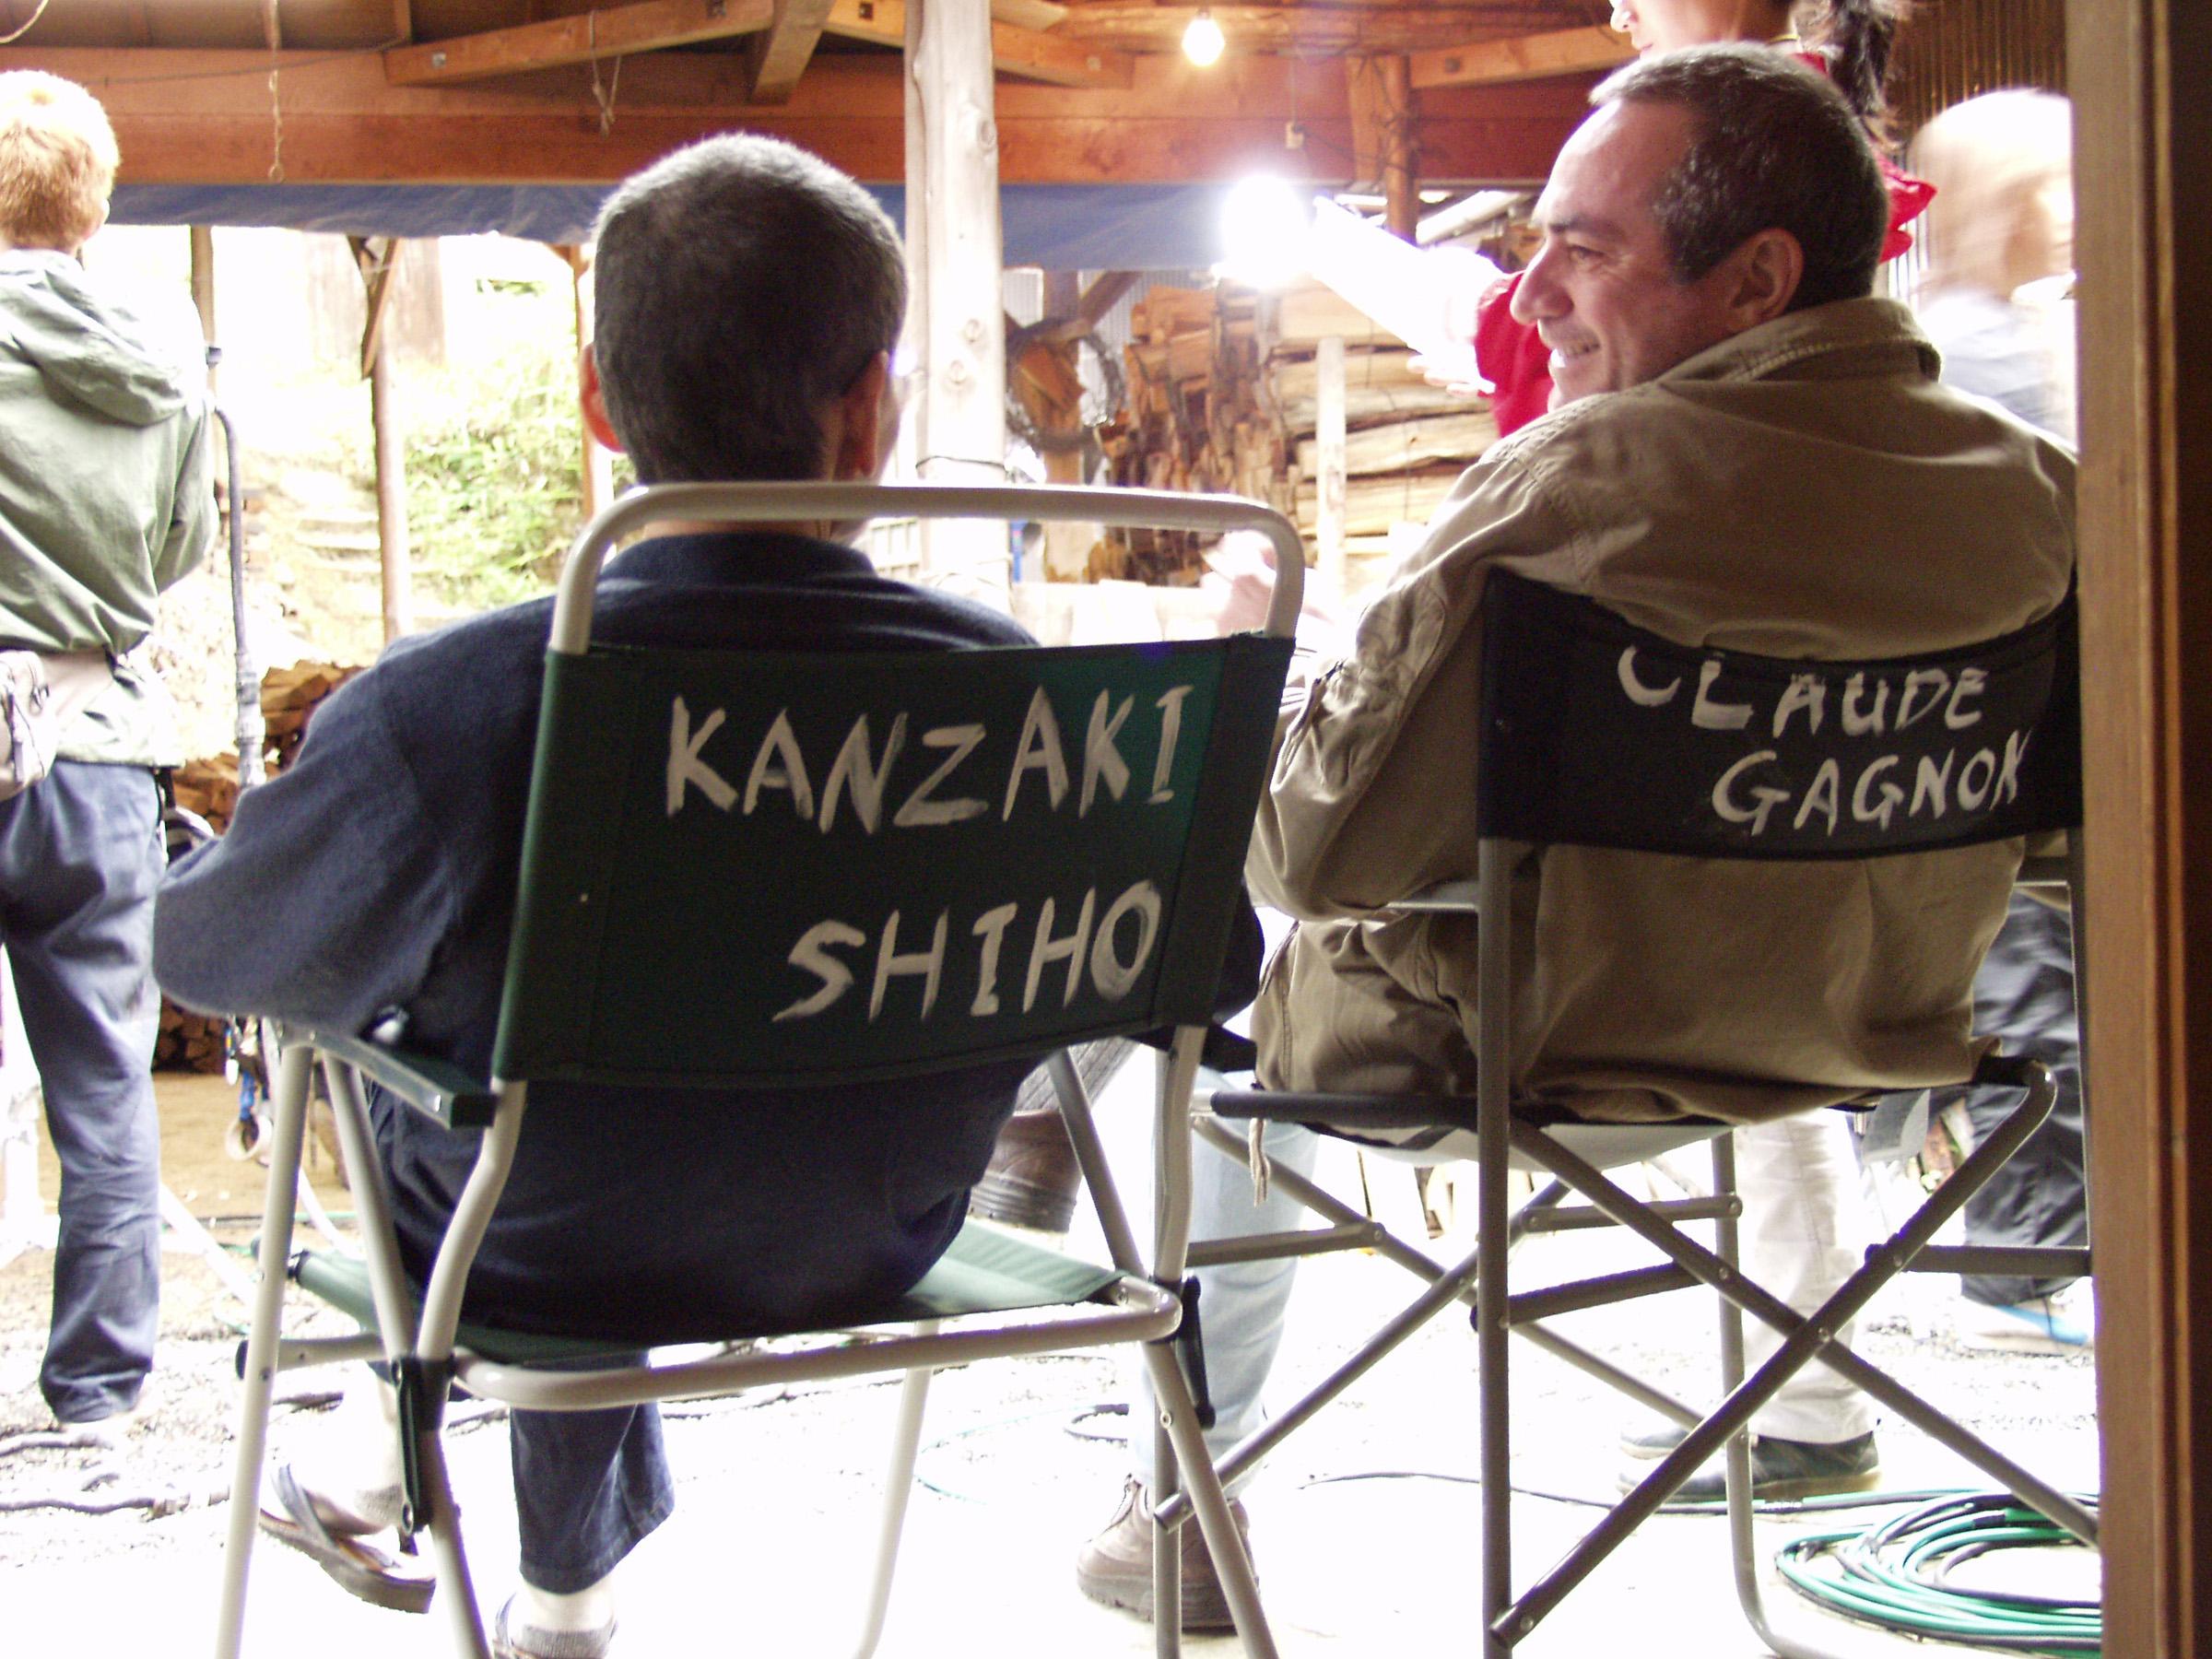 S_Kanzaki-Claude_Gagnon.jpg